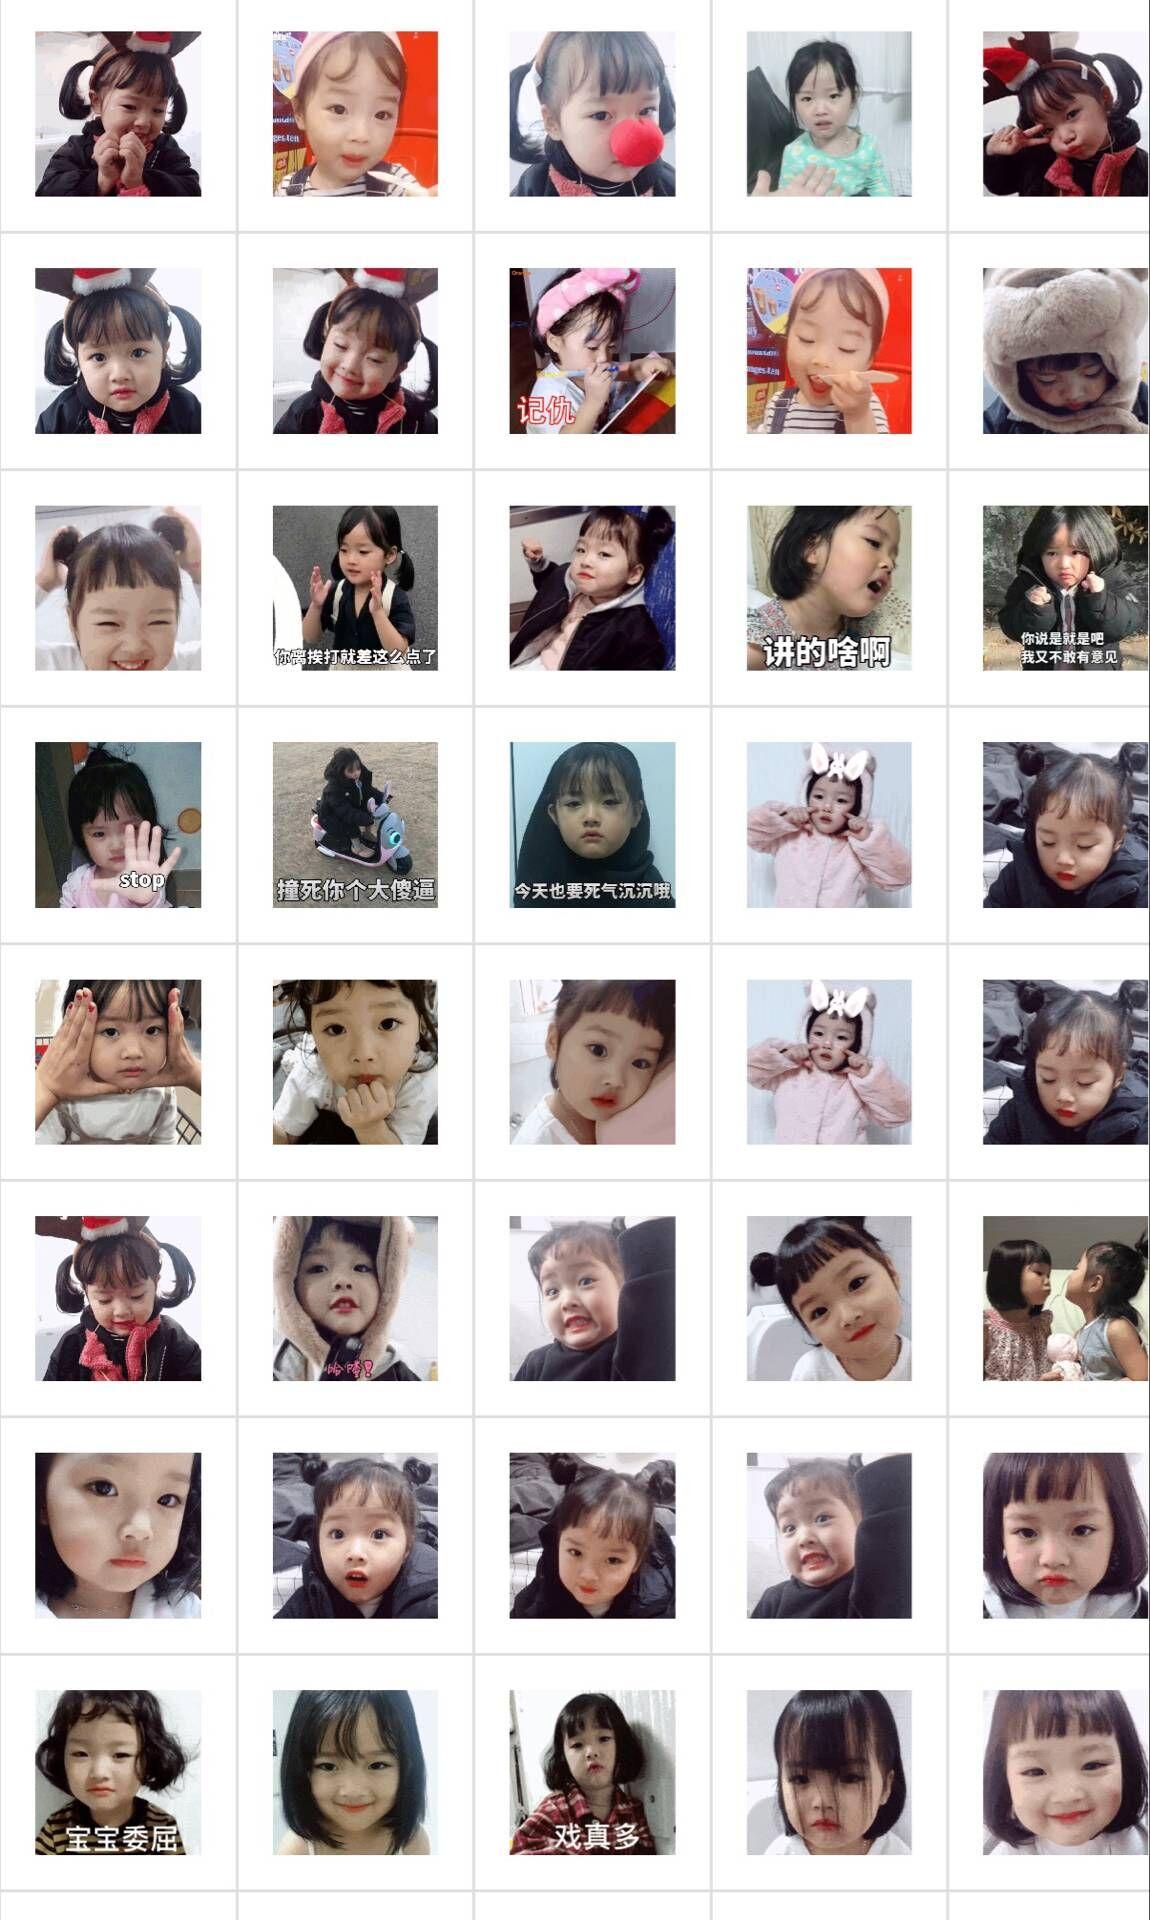 表情 兔子妹权律二表情包图片动态微信可爱萌韩国微博聊天软萌50张 表情